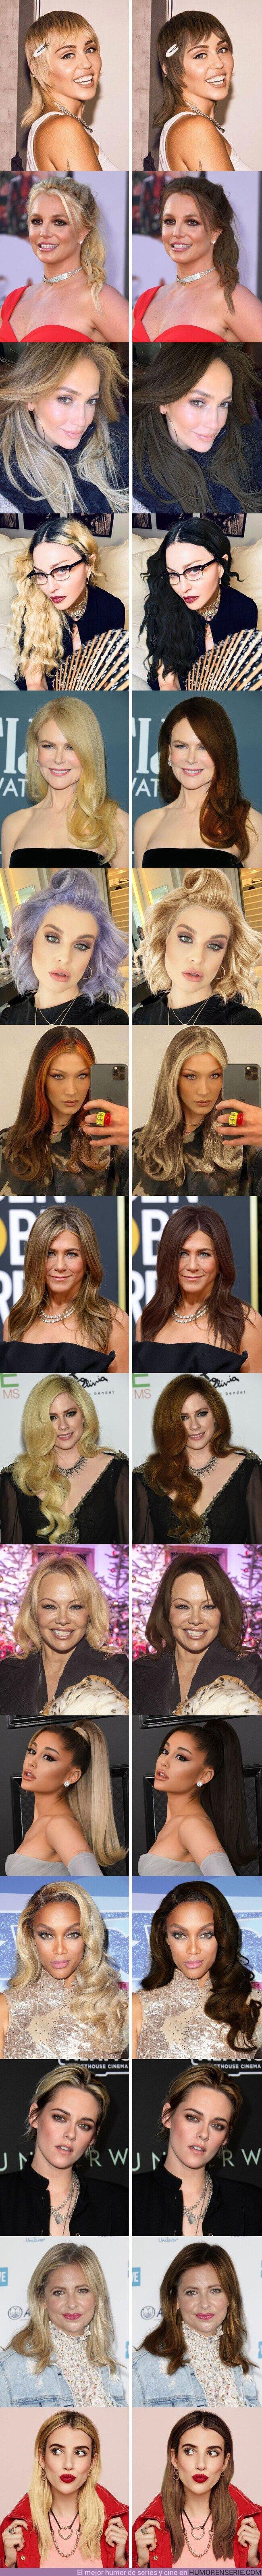 70801 - GALERÍA: 15 Celebridades a las que les devolvimos su color de pelo natural